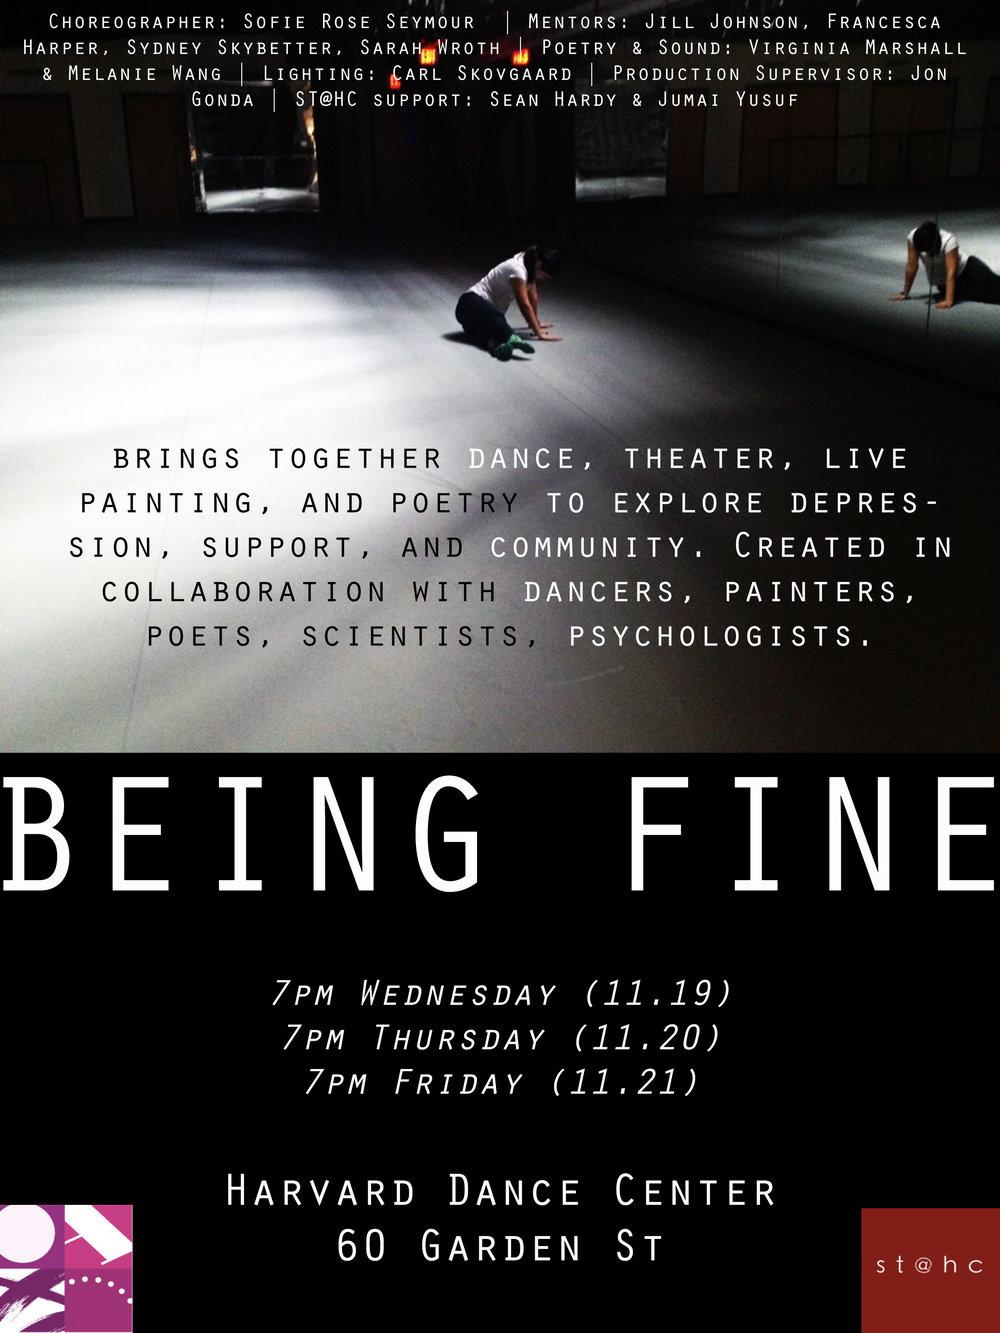 Being Fine.jpg